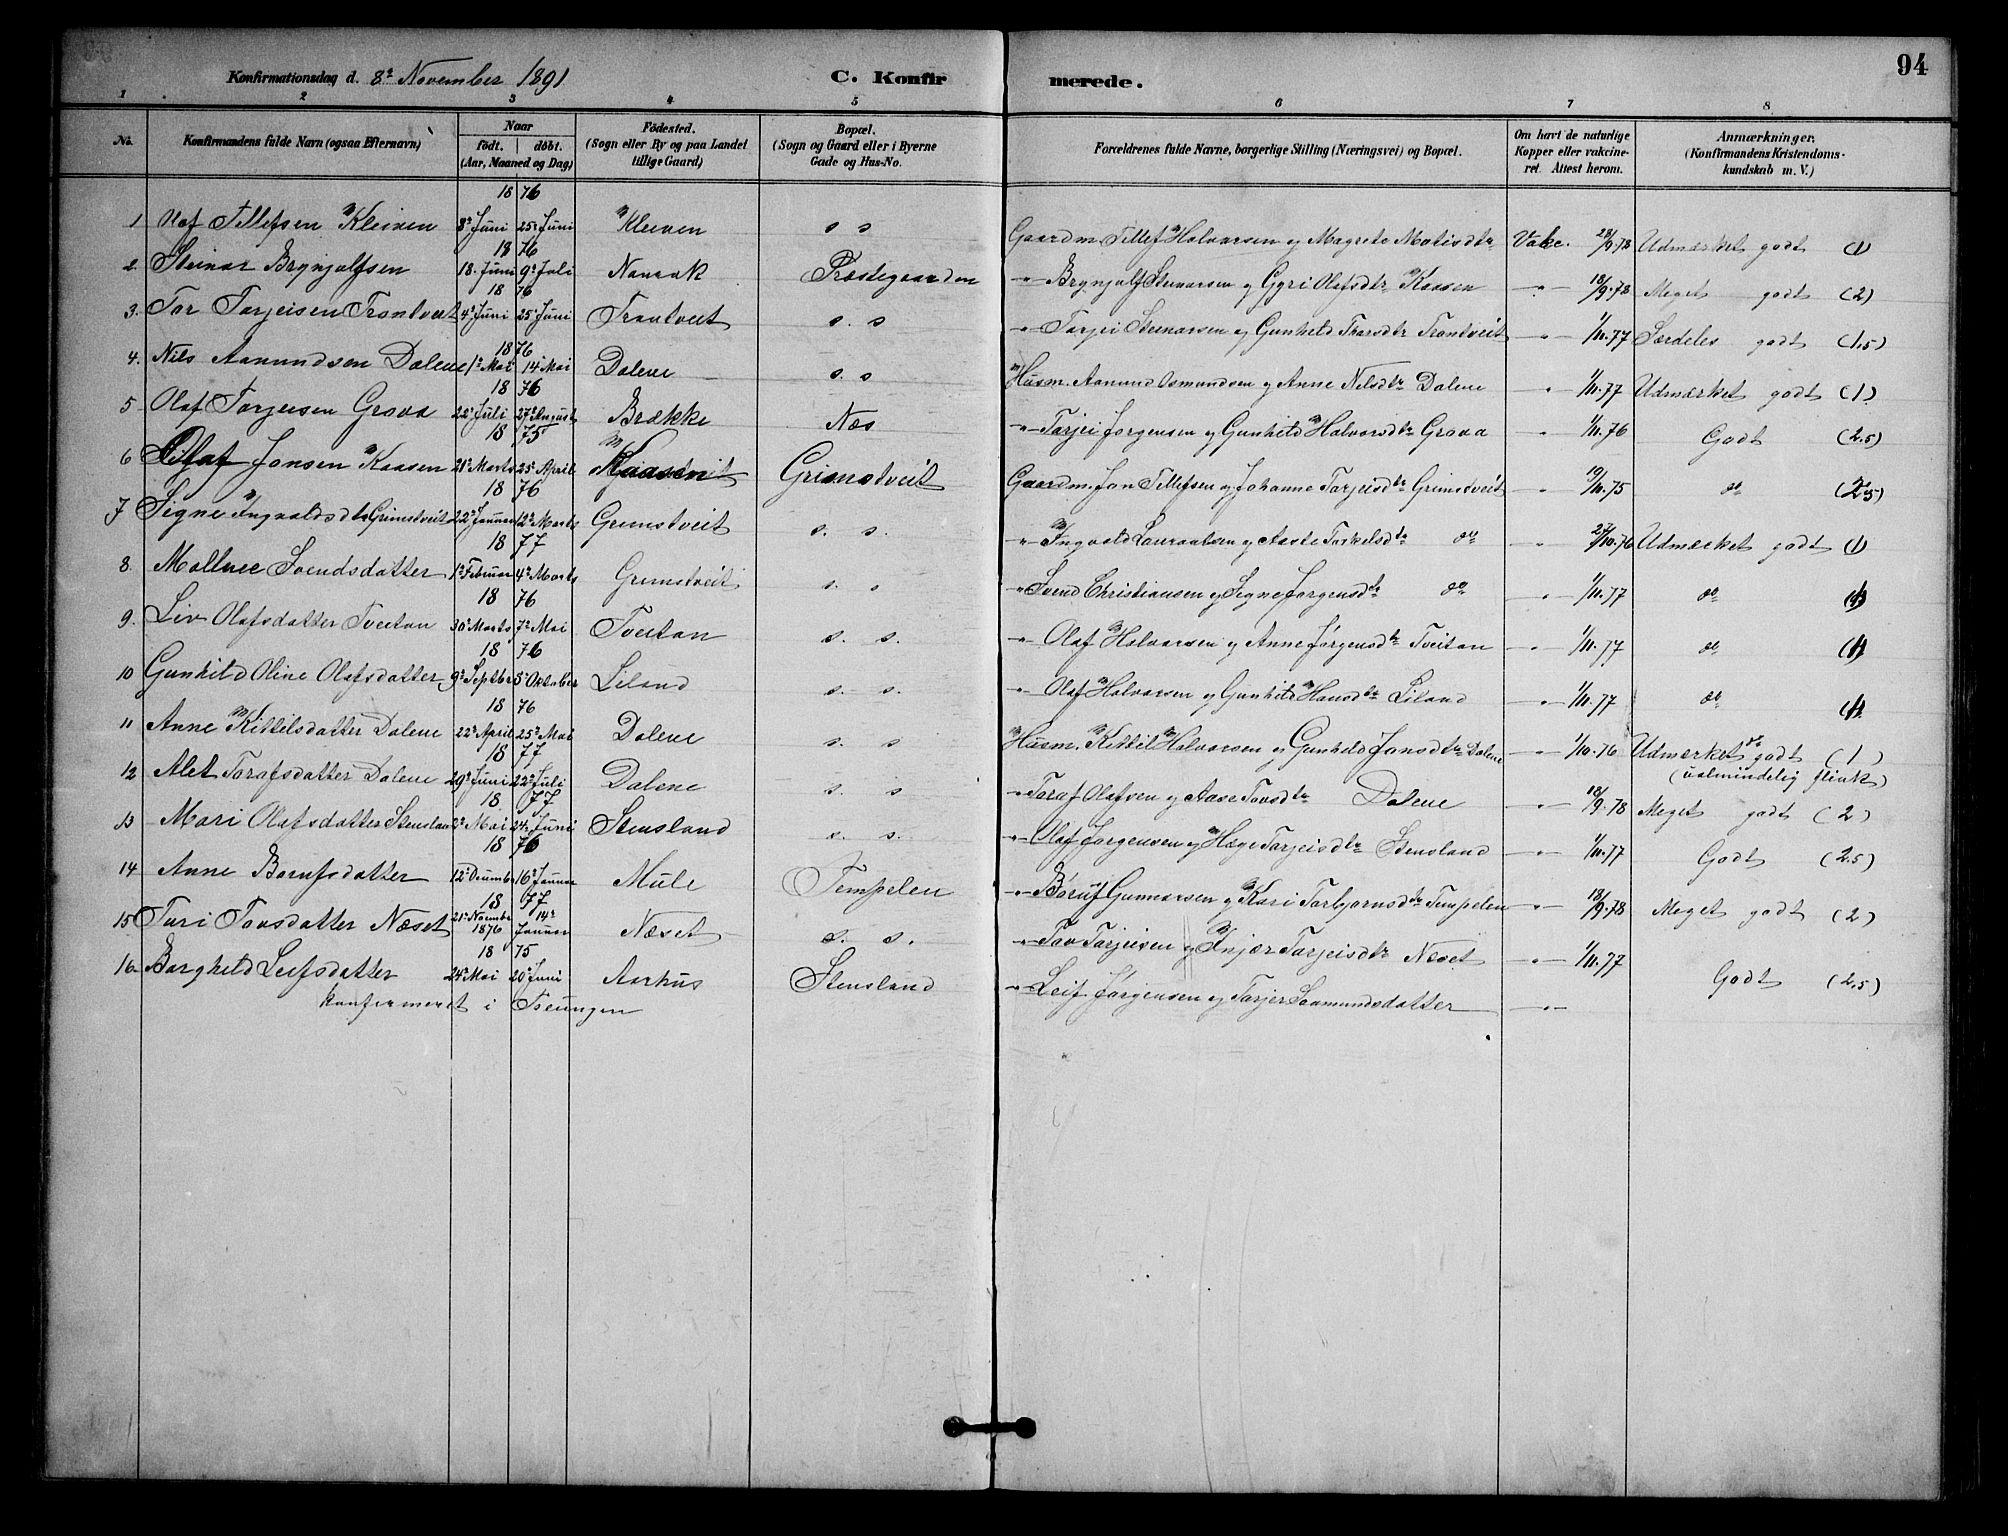 SAKO, Nissedal kirkebøker, G/Ga/L0003: Klokkerbok nr. I 3, 1887-1911, s. 94